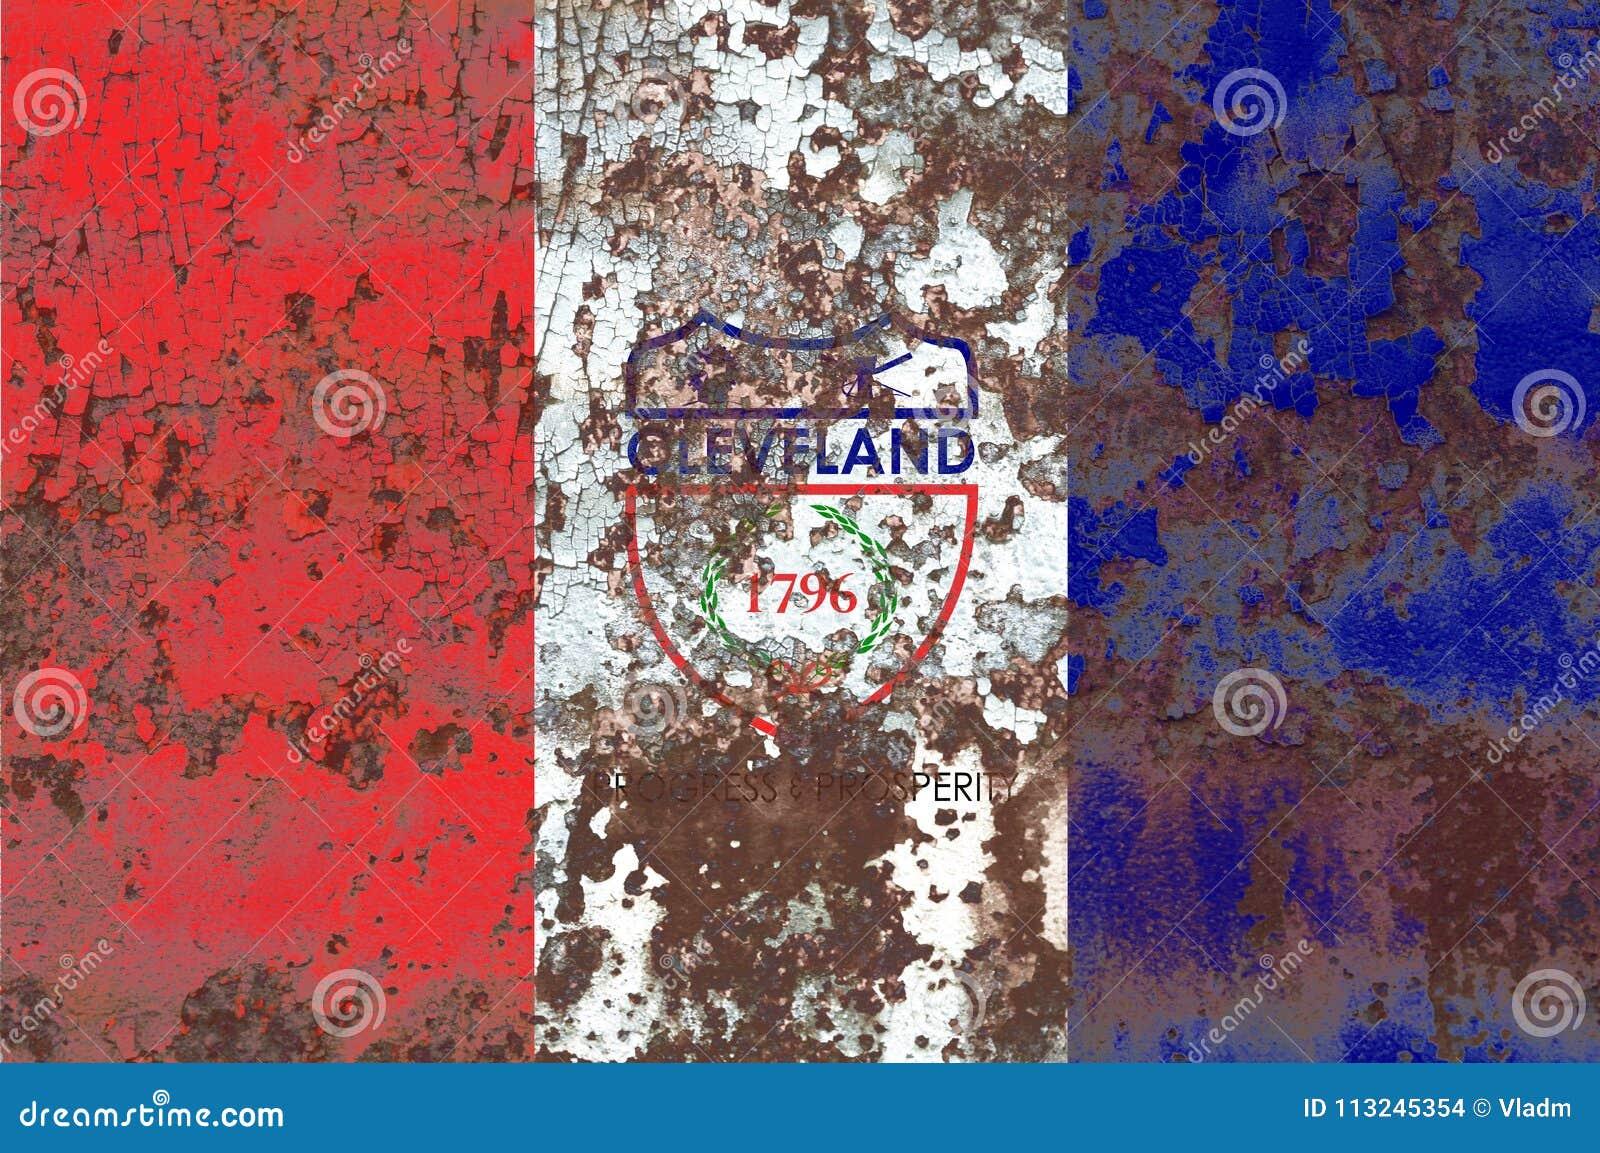 Флаг задымления городов Кливленда, положение Огайо, Соединенные Штаты Америки